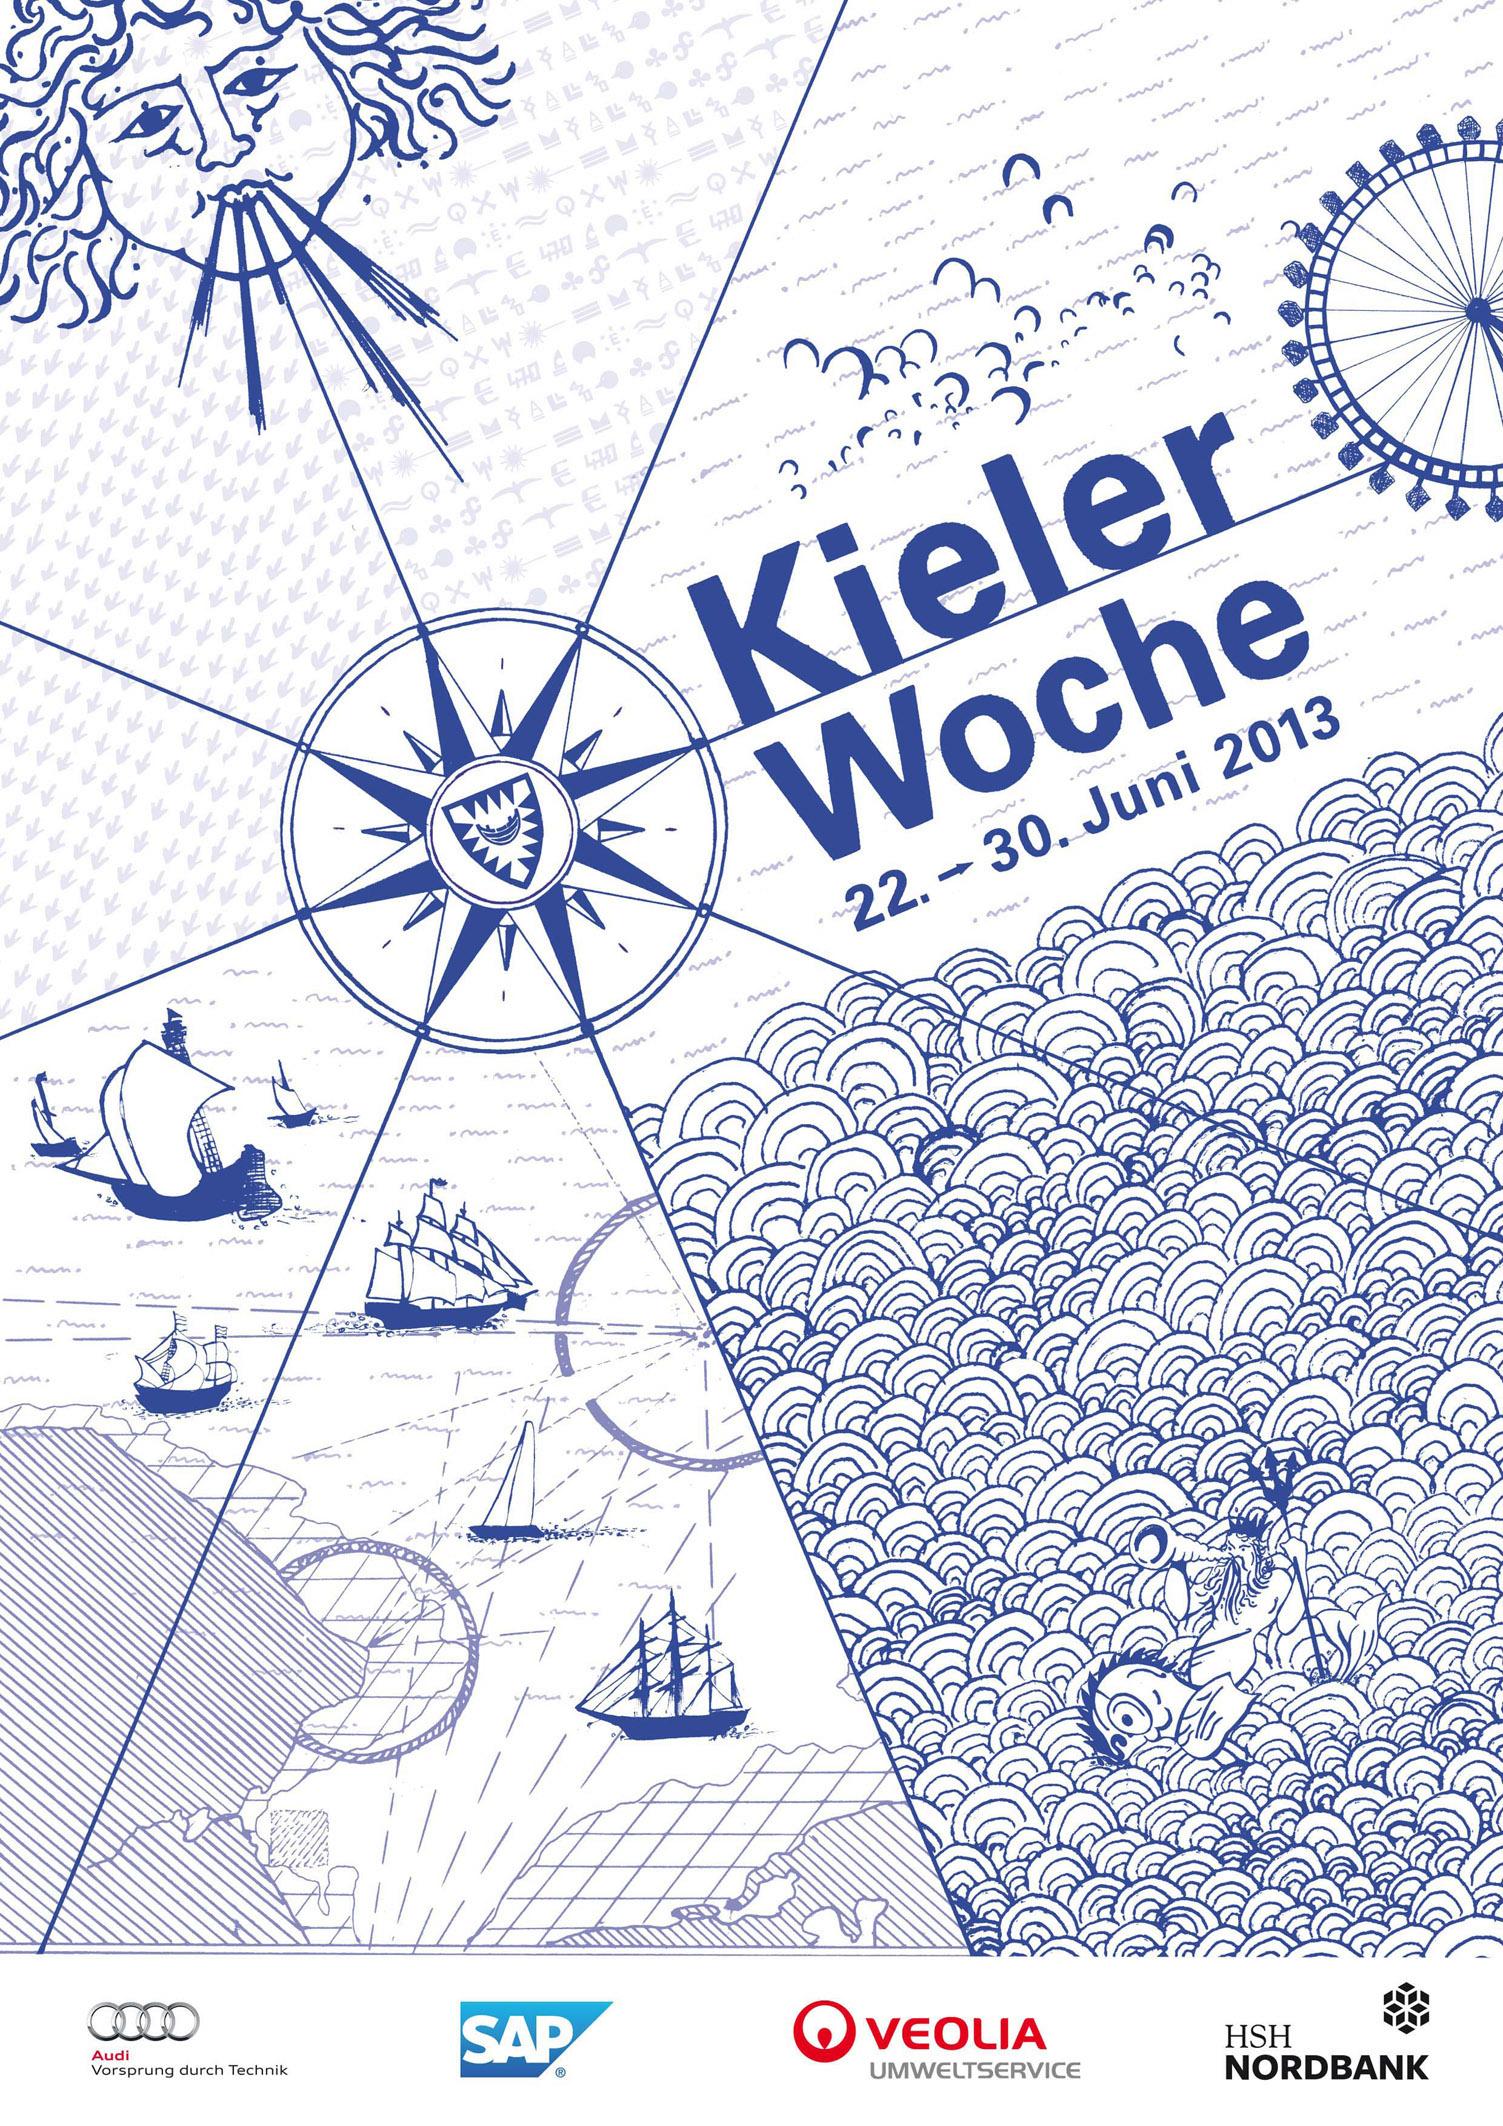 Kieler Woche 2013 – Von Kroko-Spieß bis Rentierblut für alle was dabei!